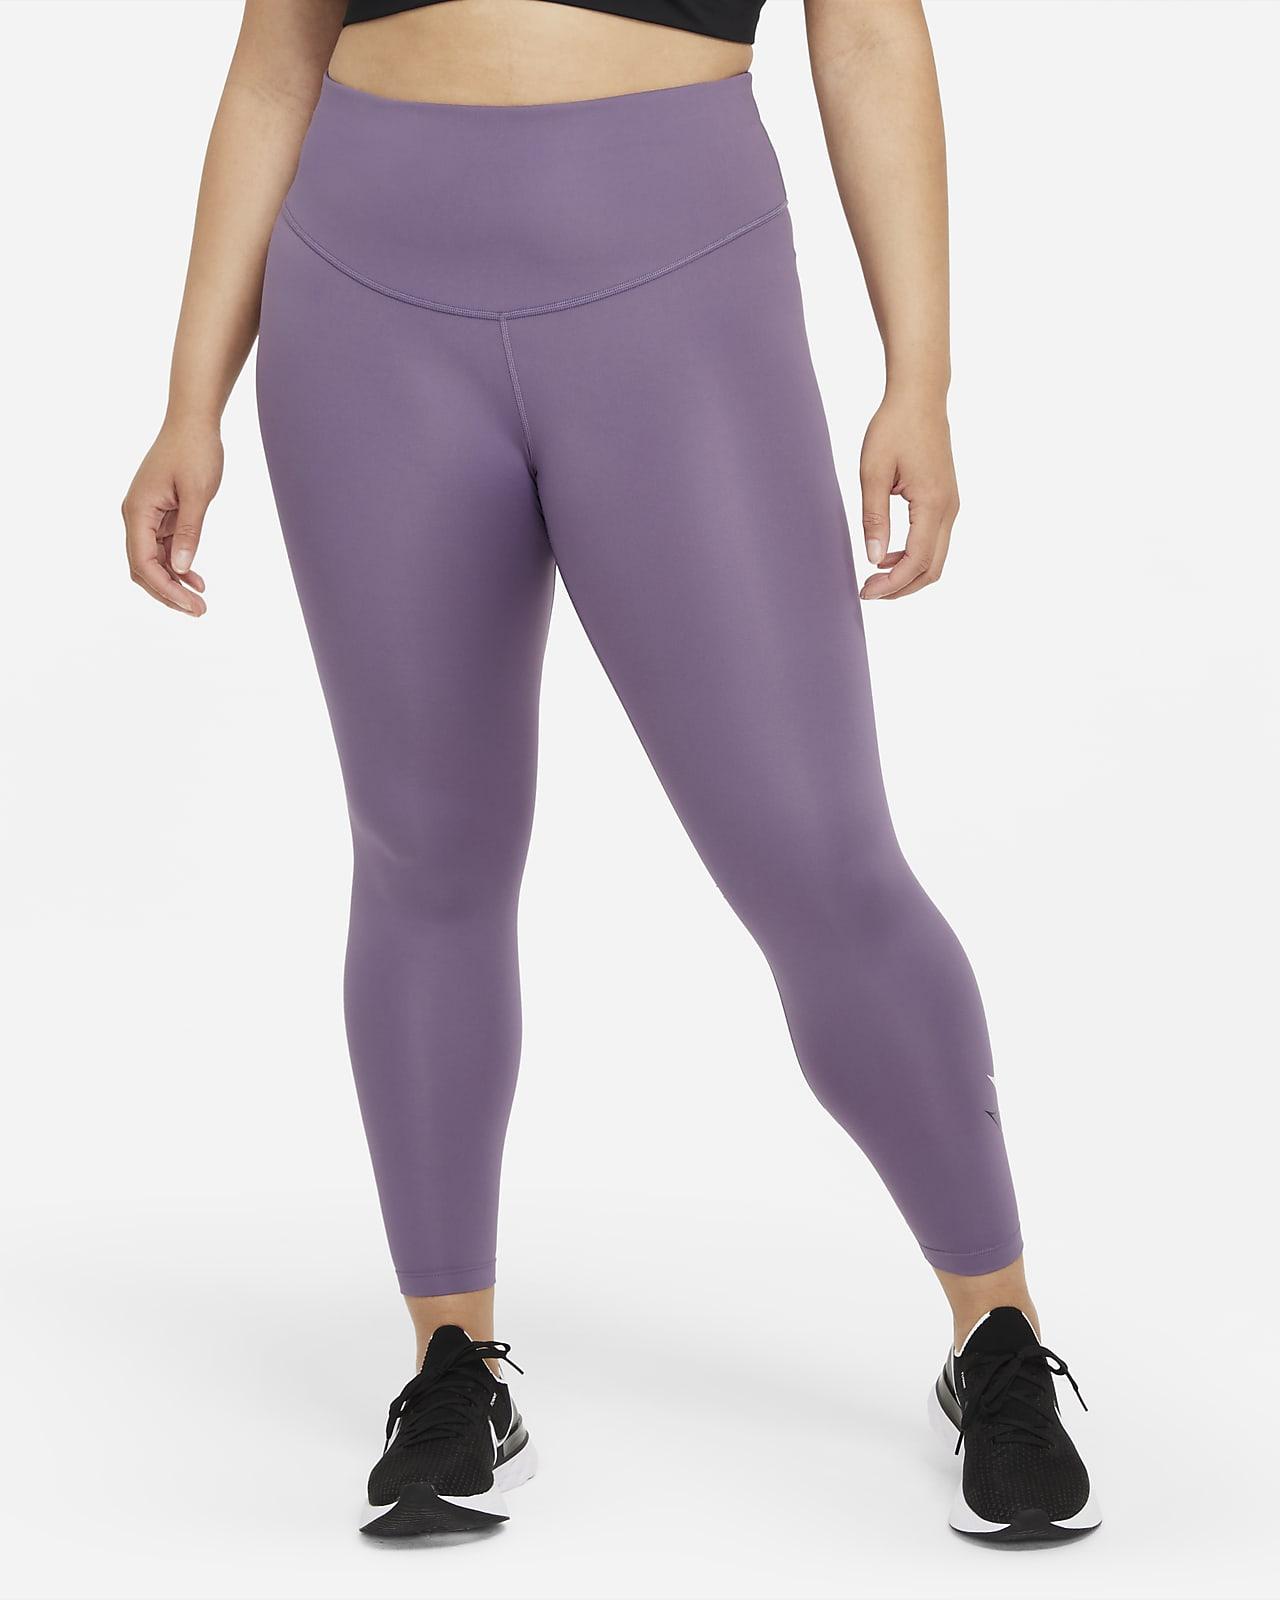 Damskie legginsy 7/8 ze średnim stanem do biegania (duże rozmiary) Nike Dri-FIT Swoosh Run